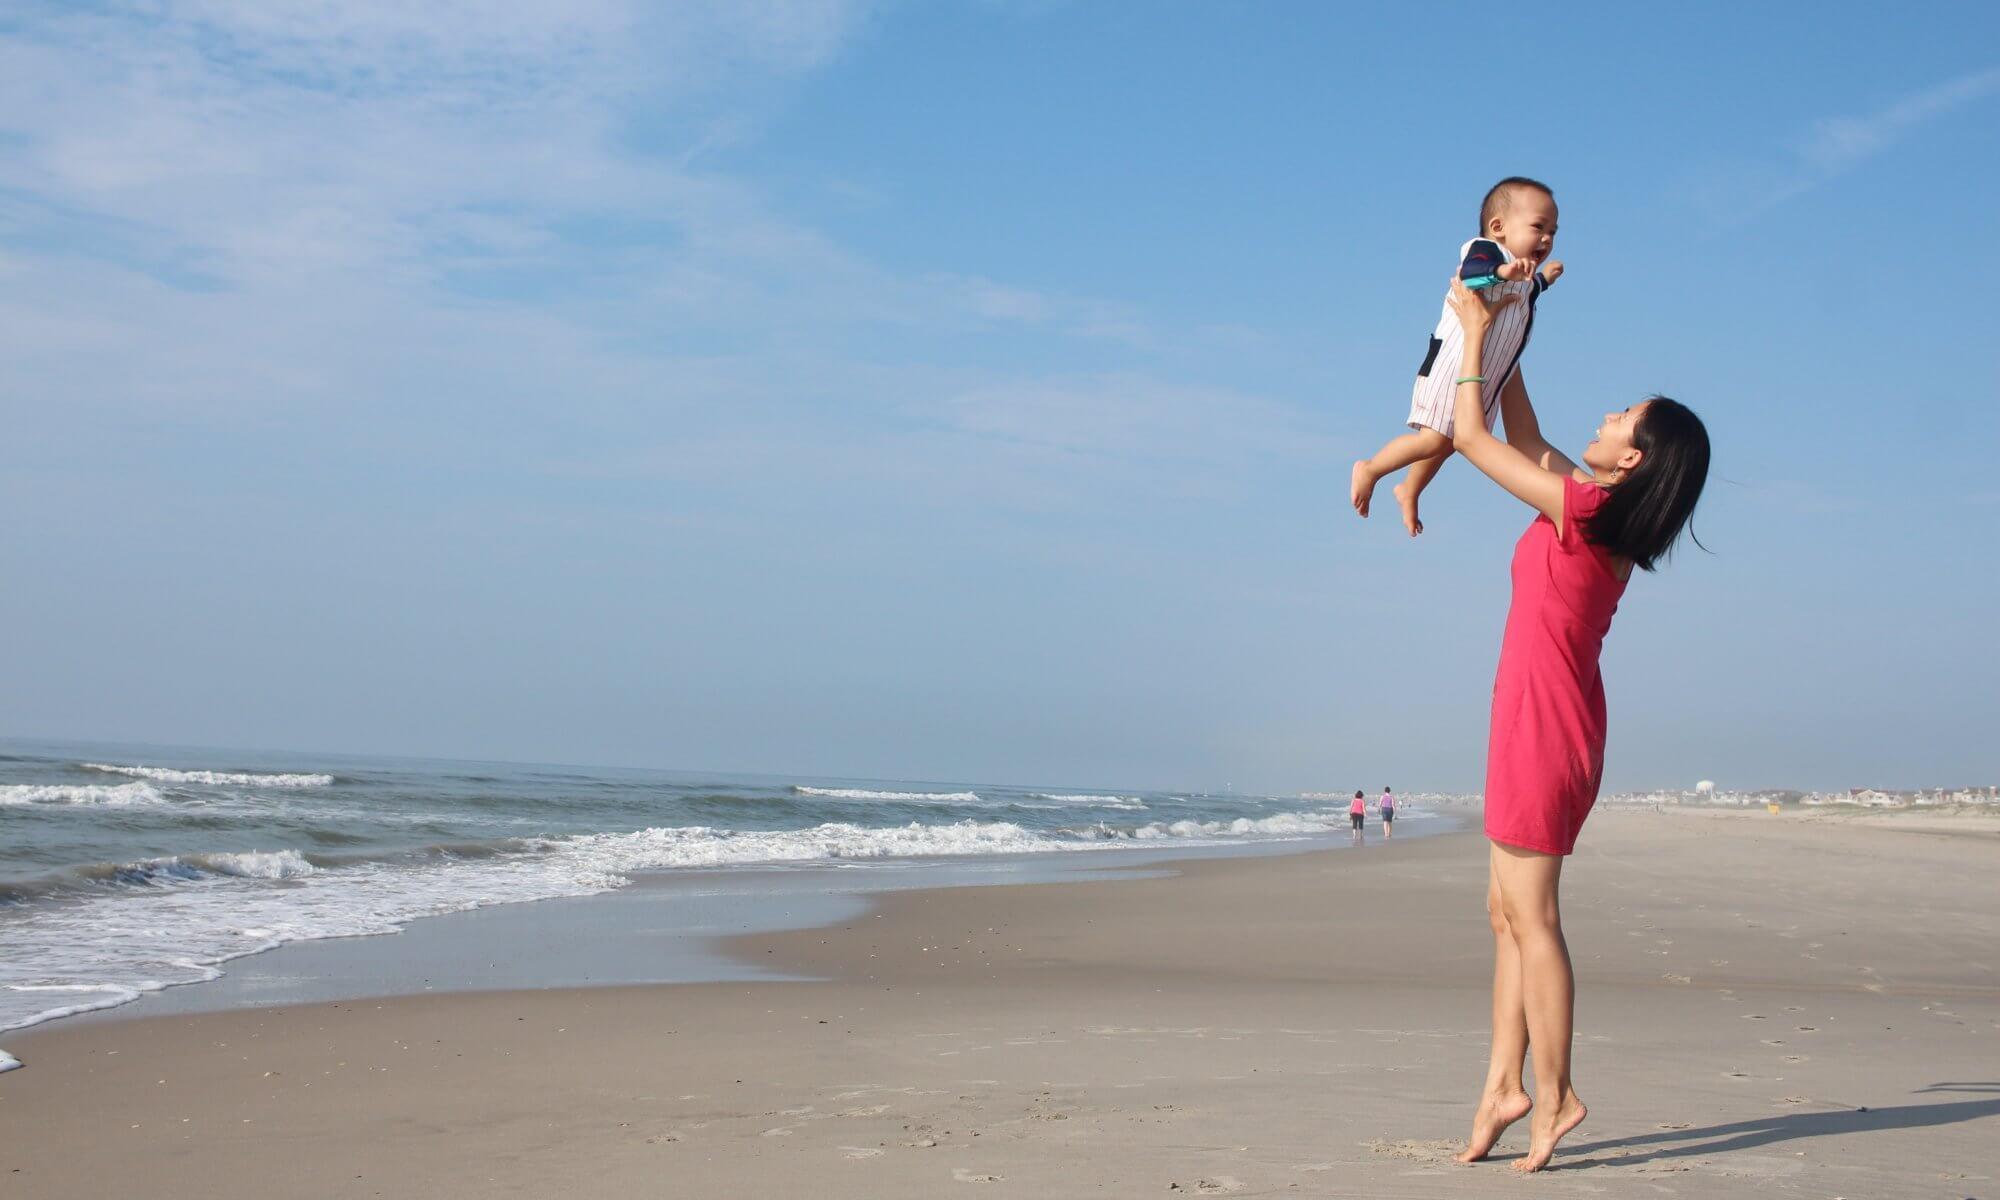 Mutter mit Kind in der Elternzeit (c) tung256 / pixabay.de